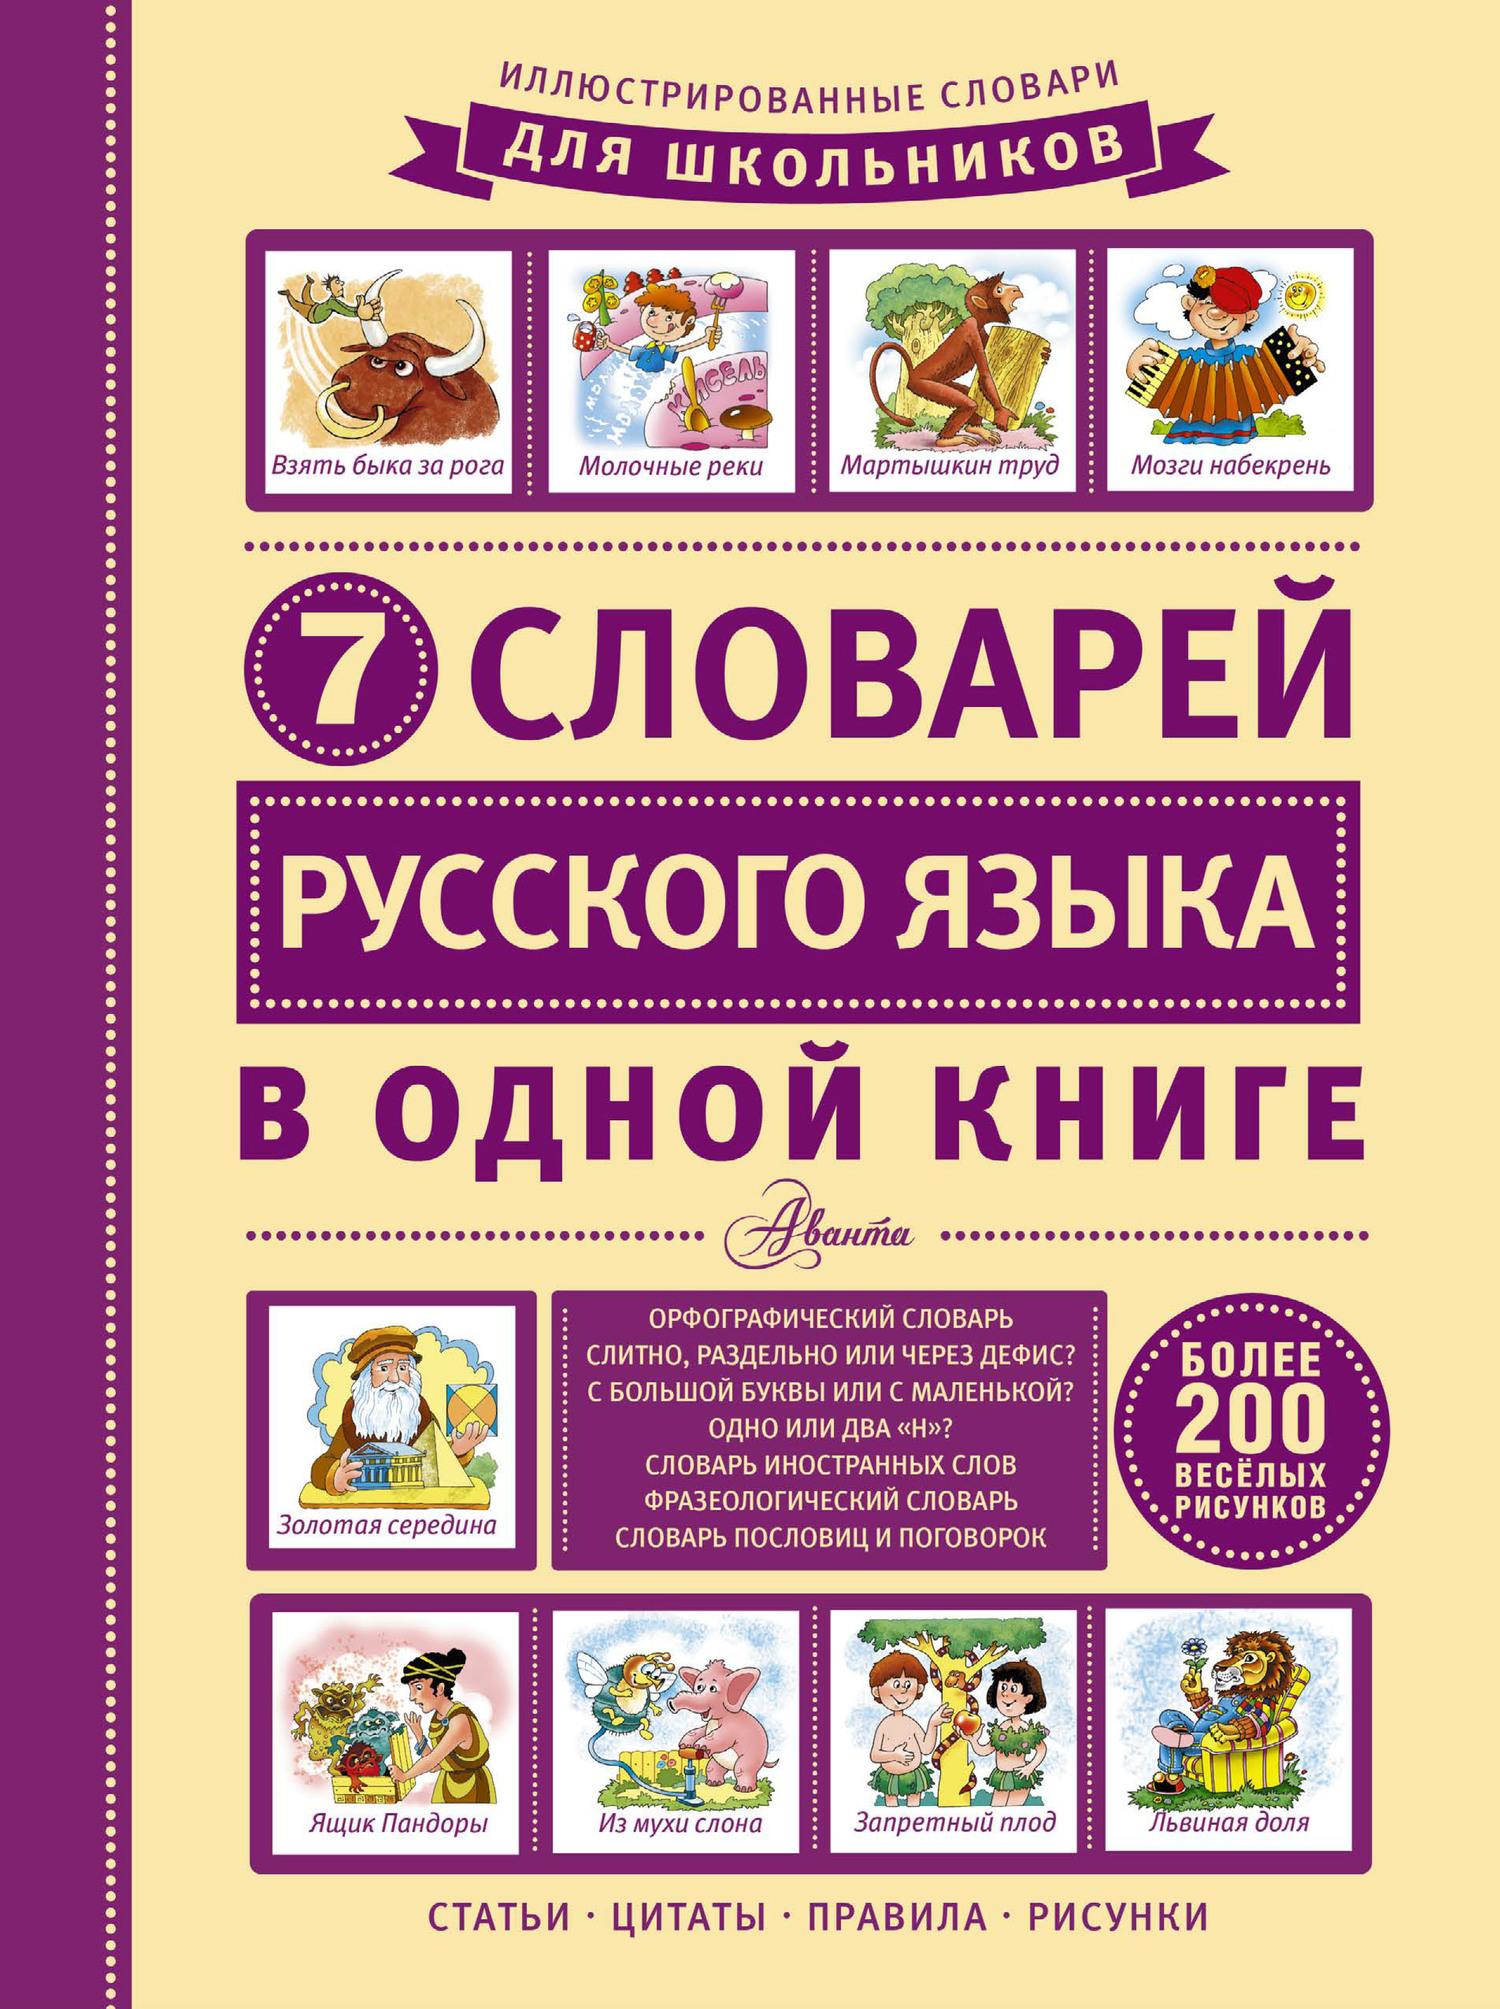 Отсутствует. 7 словарей русского языка в одной книге